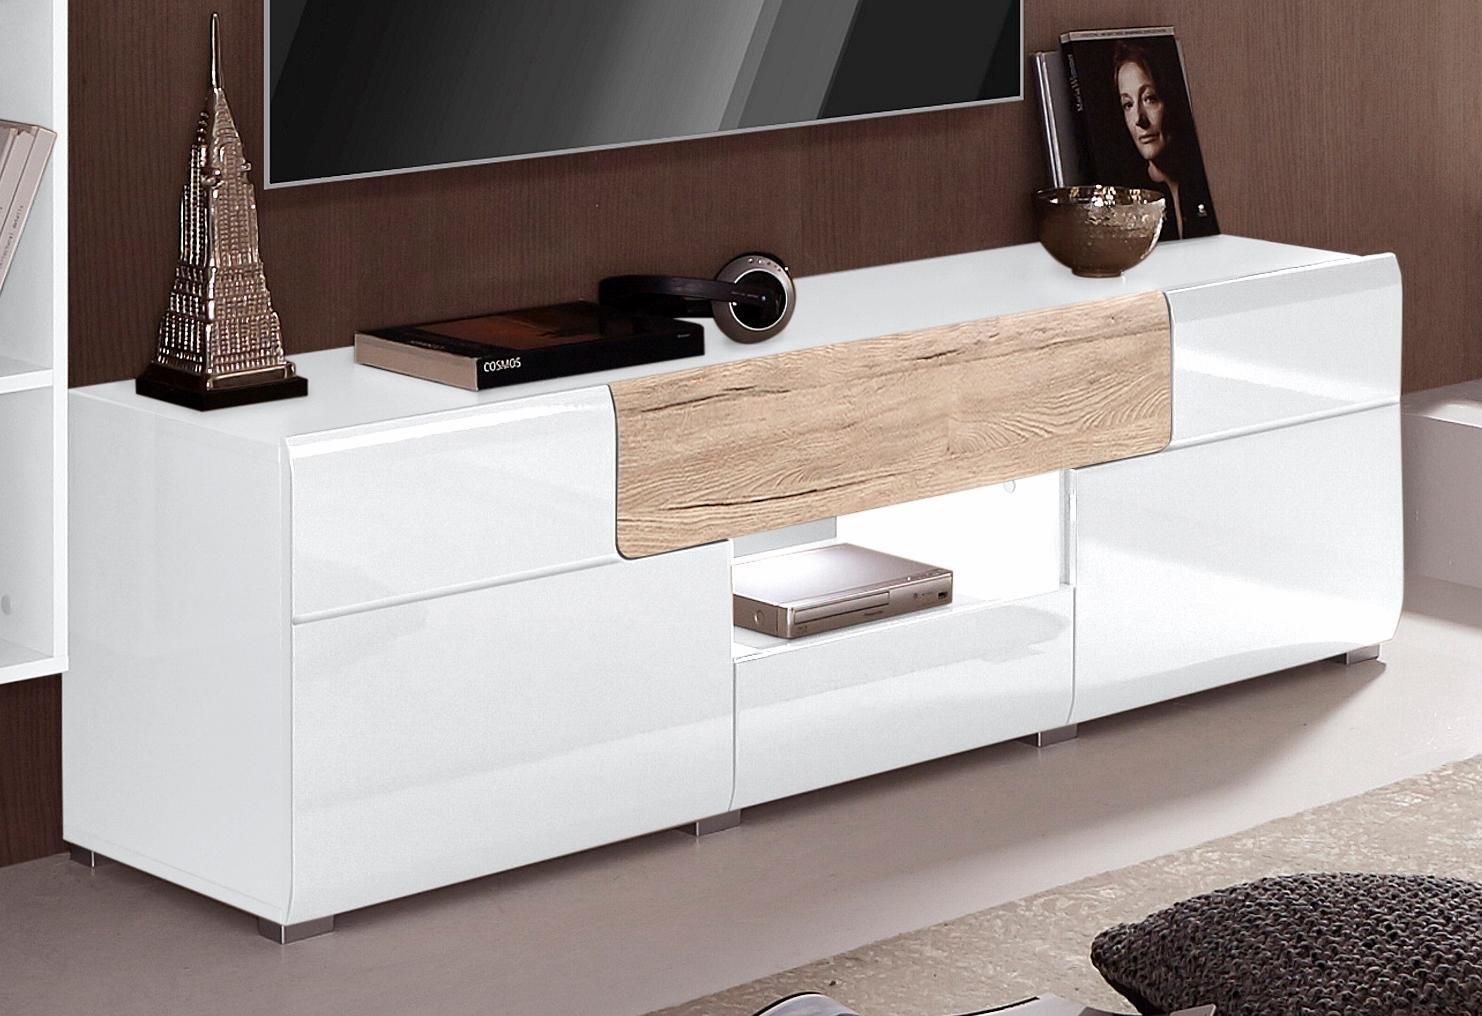 Trendmanufaktur Lowboard, breedte 159 cm nu online bestellen